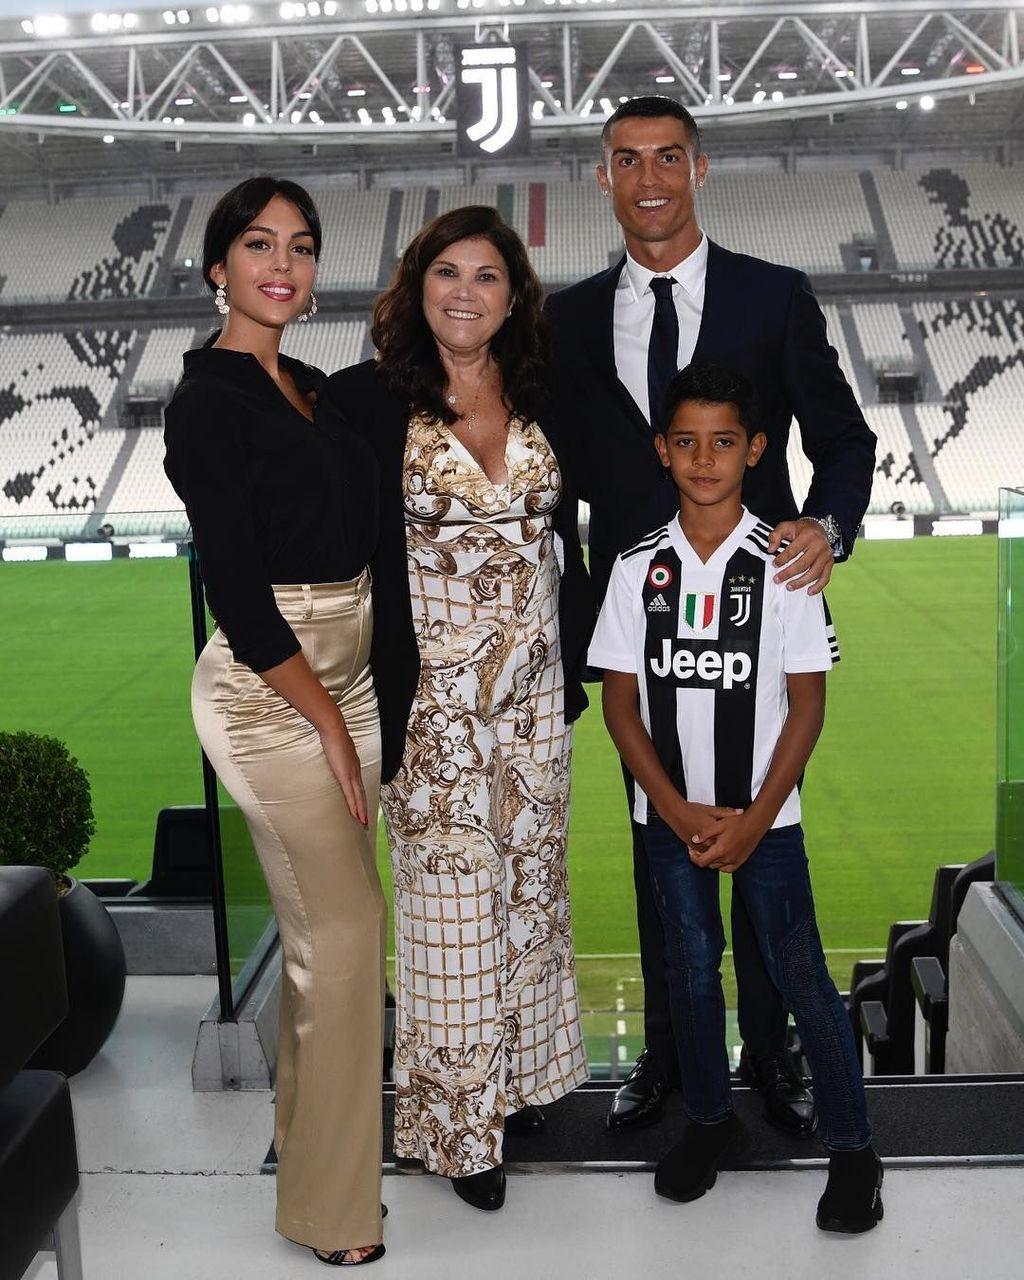 Melalui akun Instagram miliknya, Ronaldo pamer kebersamaannya dengan keluarga di markas Juventus yang langsung disambut dengan jutaan like dari netizen. Foto: Instagram/cristiano